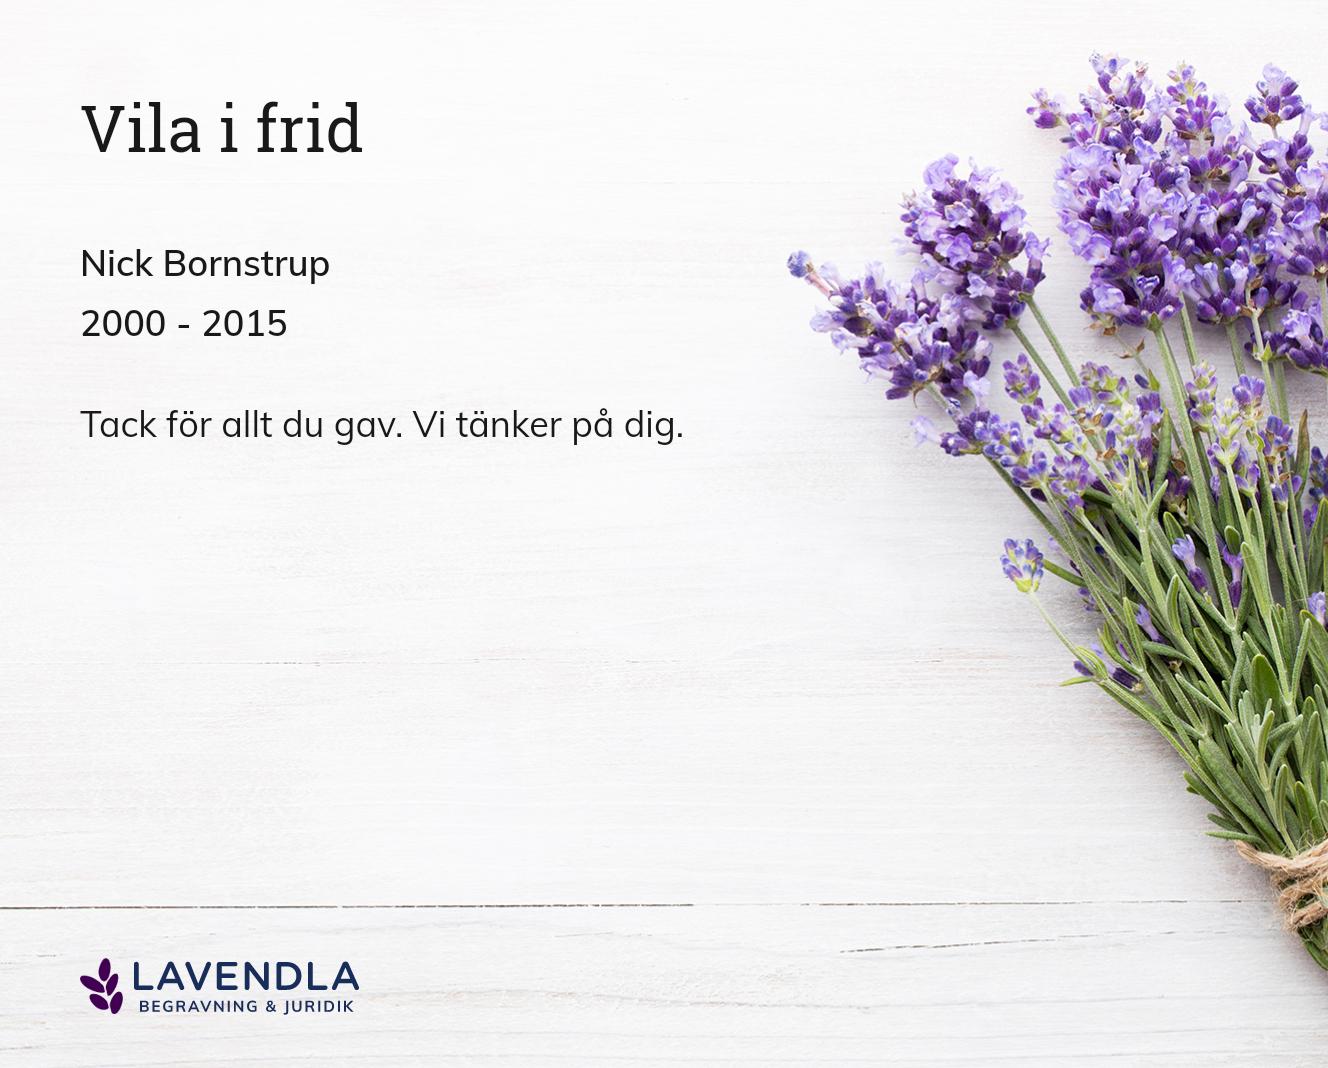 Inbjudningskort till ceremonin för Nick Bornstrup